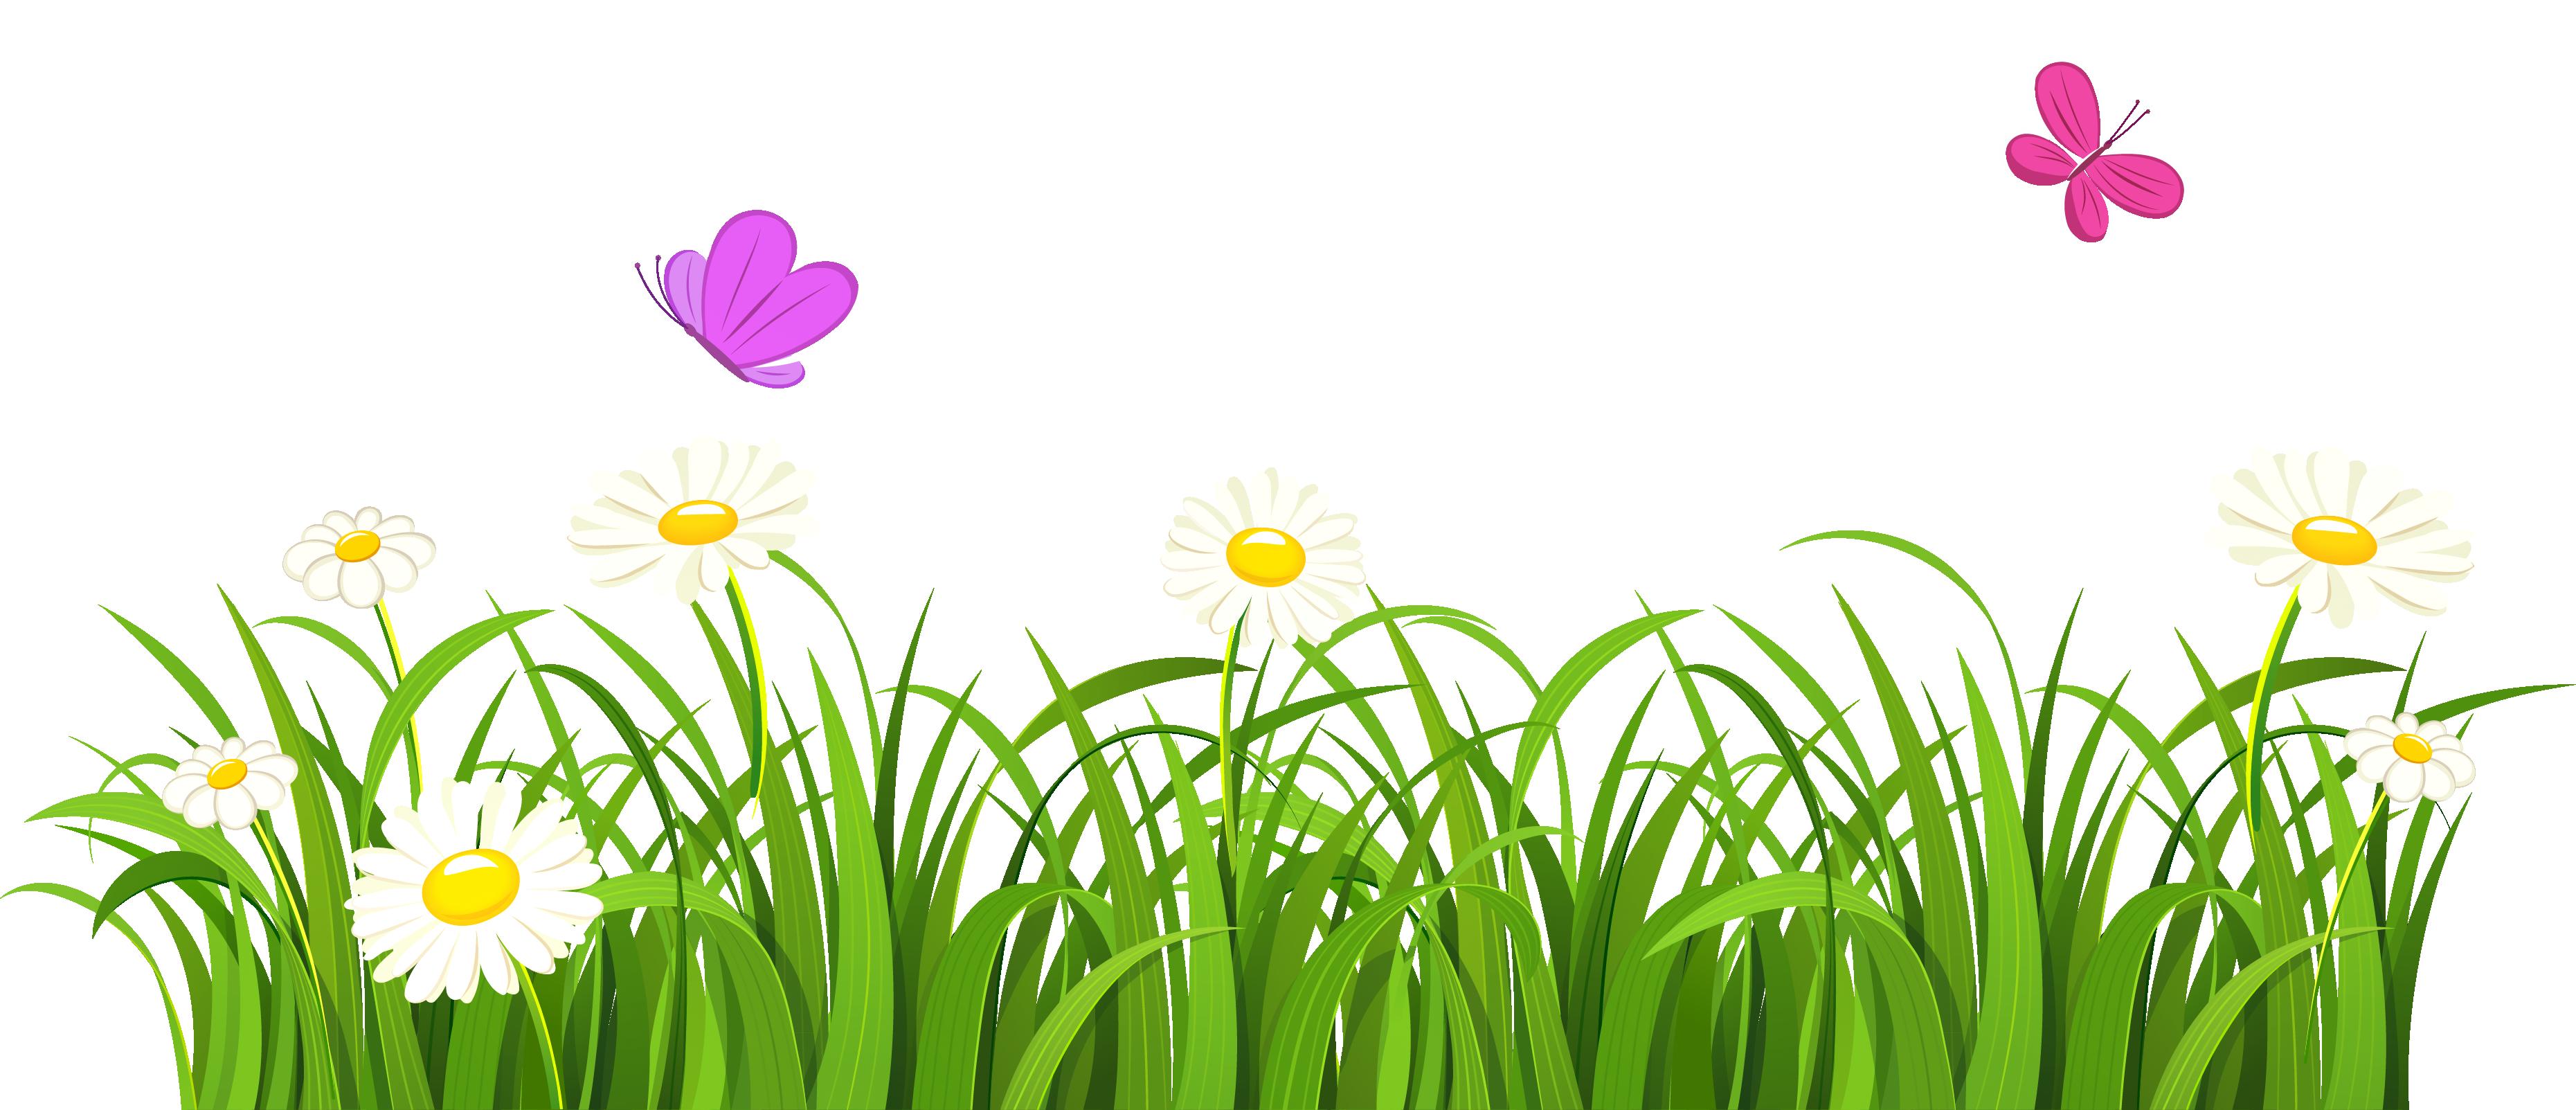 Clipart butterfly flower. Lawn clip art grass